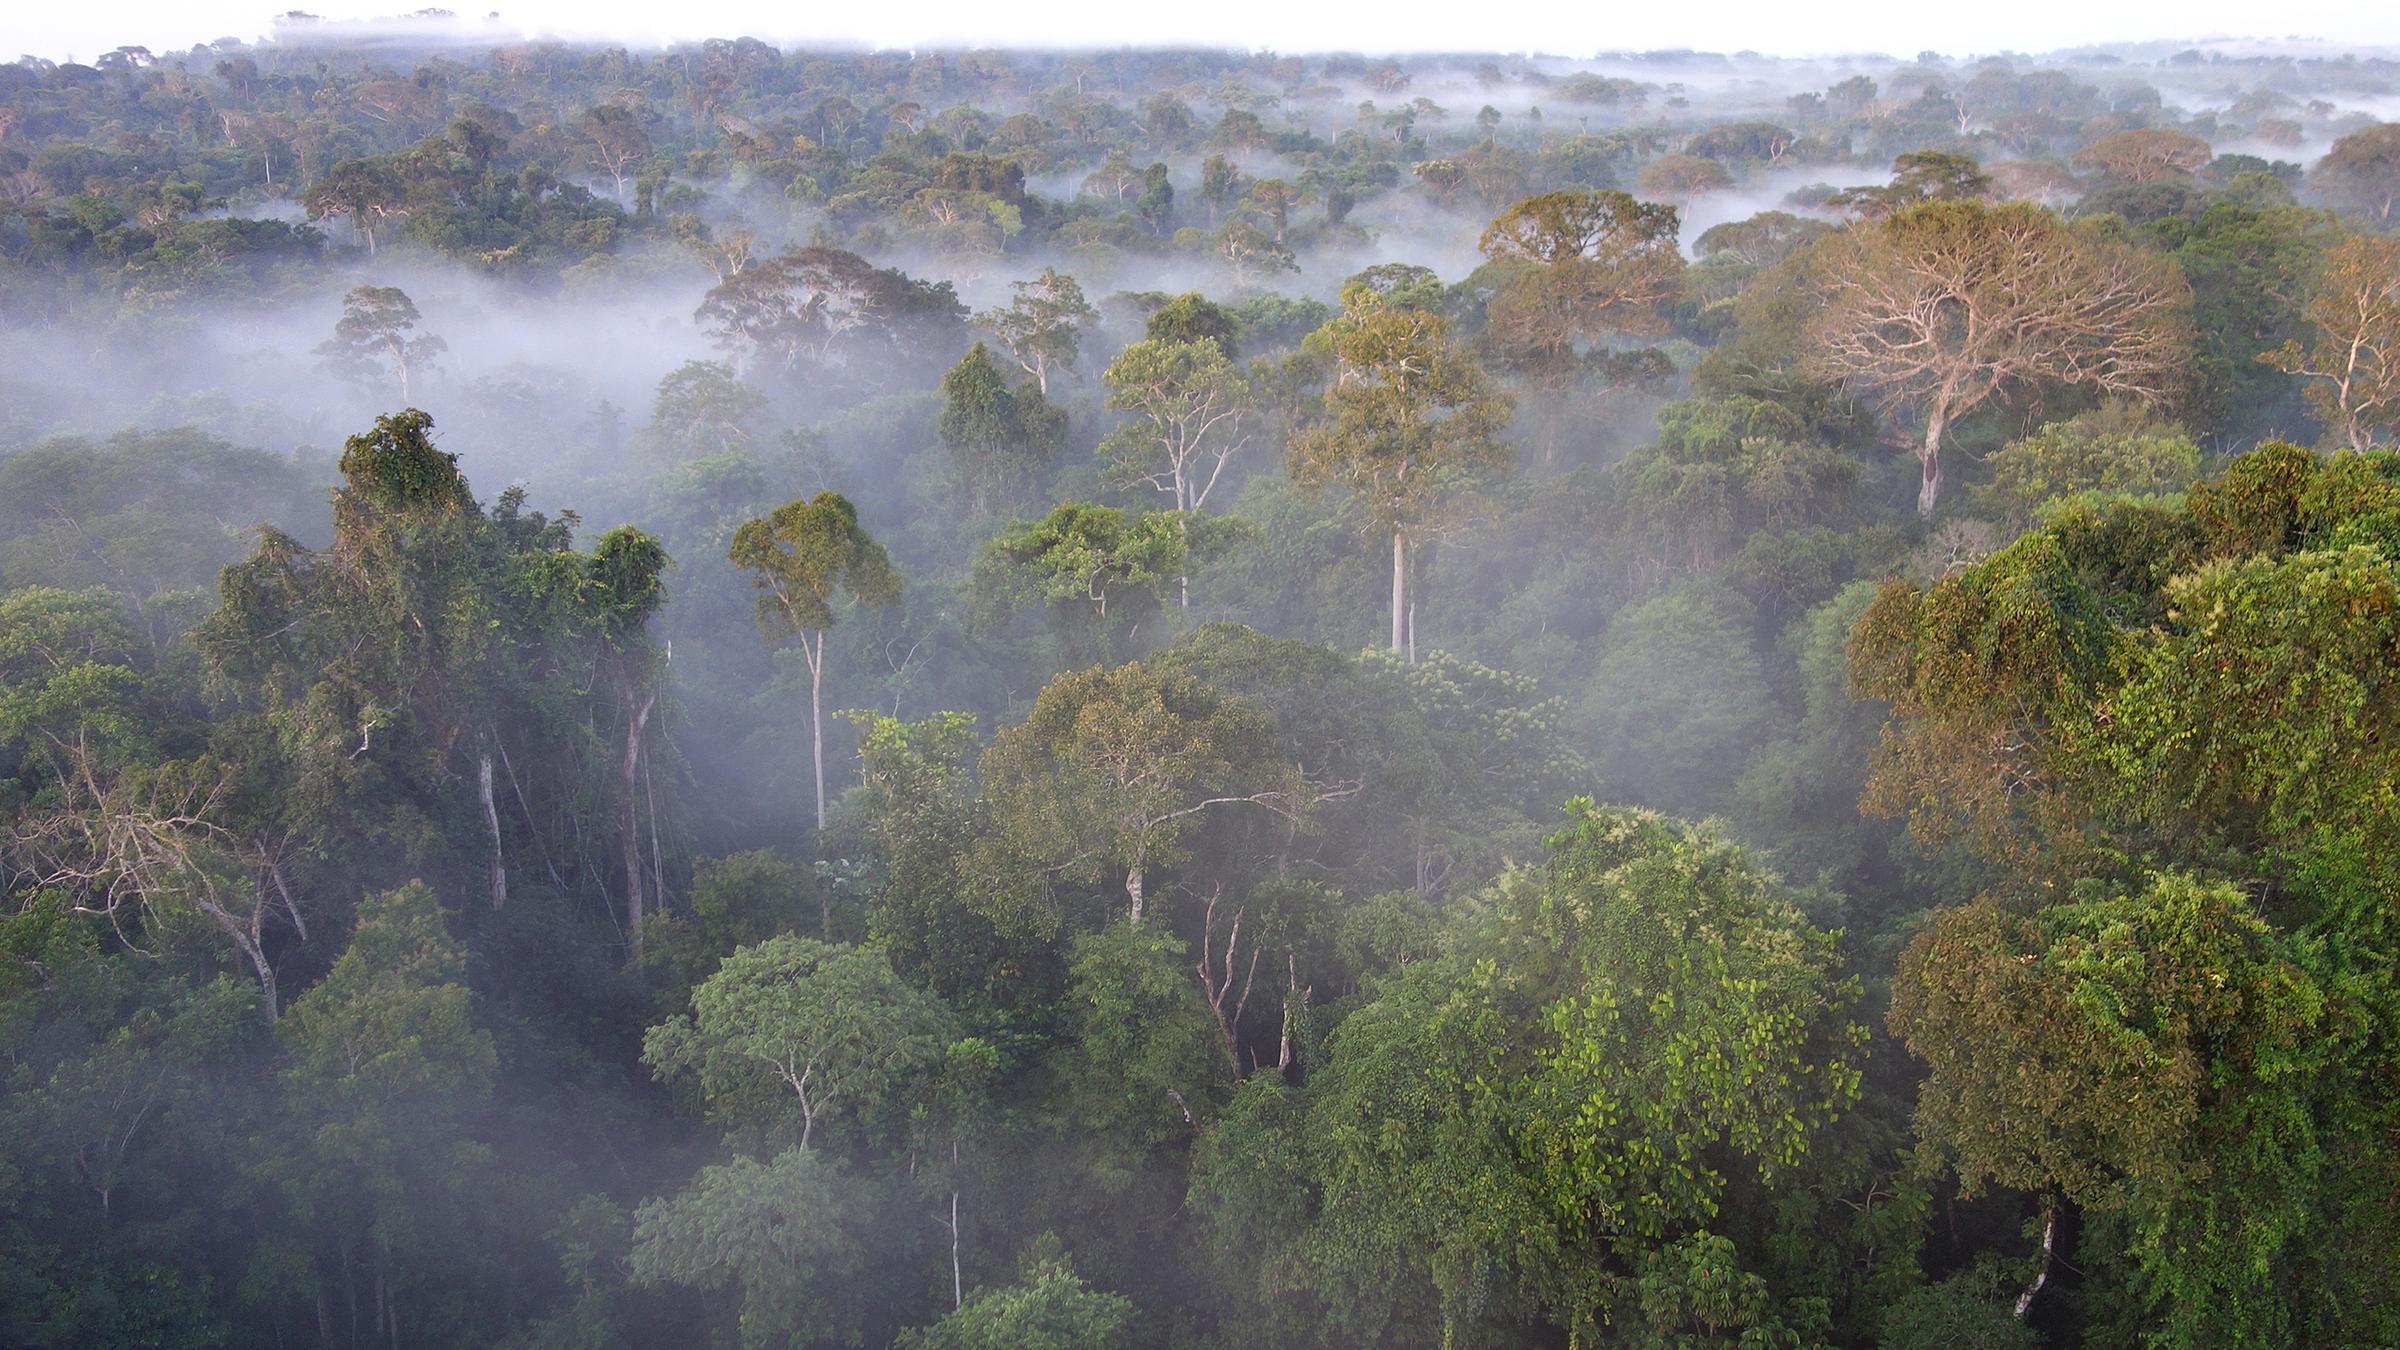 """Der Amazonas Regenwald, die """"Grüne Lunge"""" des Planeten und für einige Wissenschaftler der entscheidende Motor im weltweiten CO2- und Wasserhaushalt."""